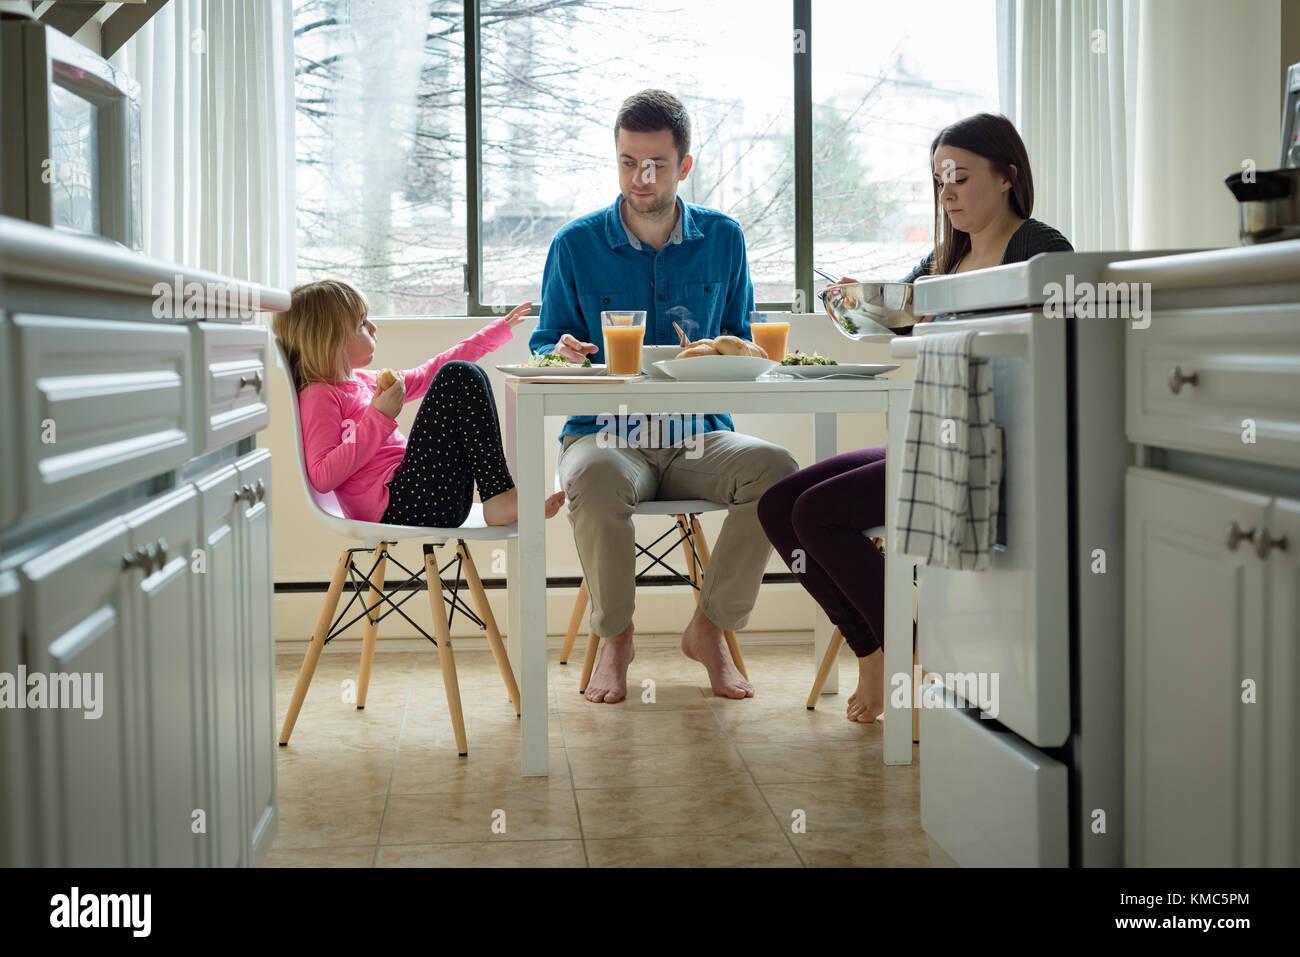 Familia desayunando en la cocina Imagen De Stock